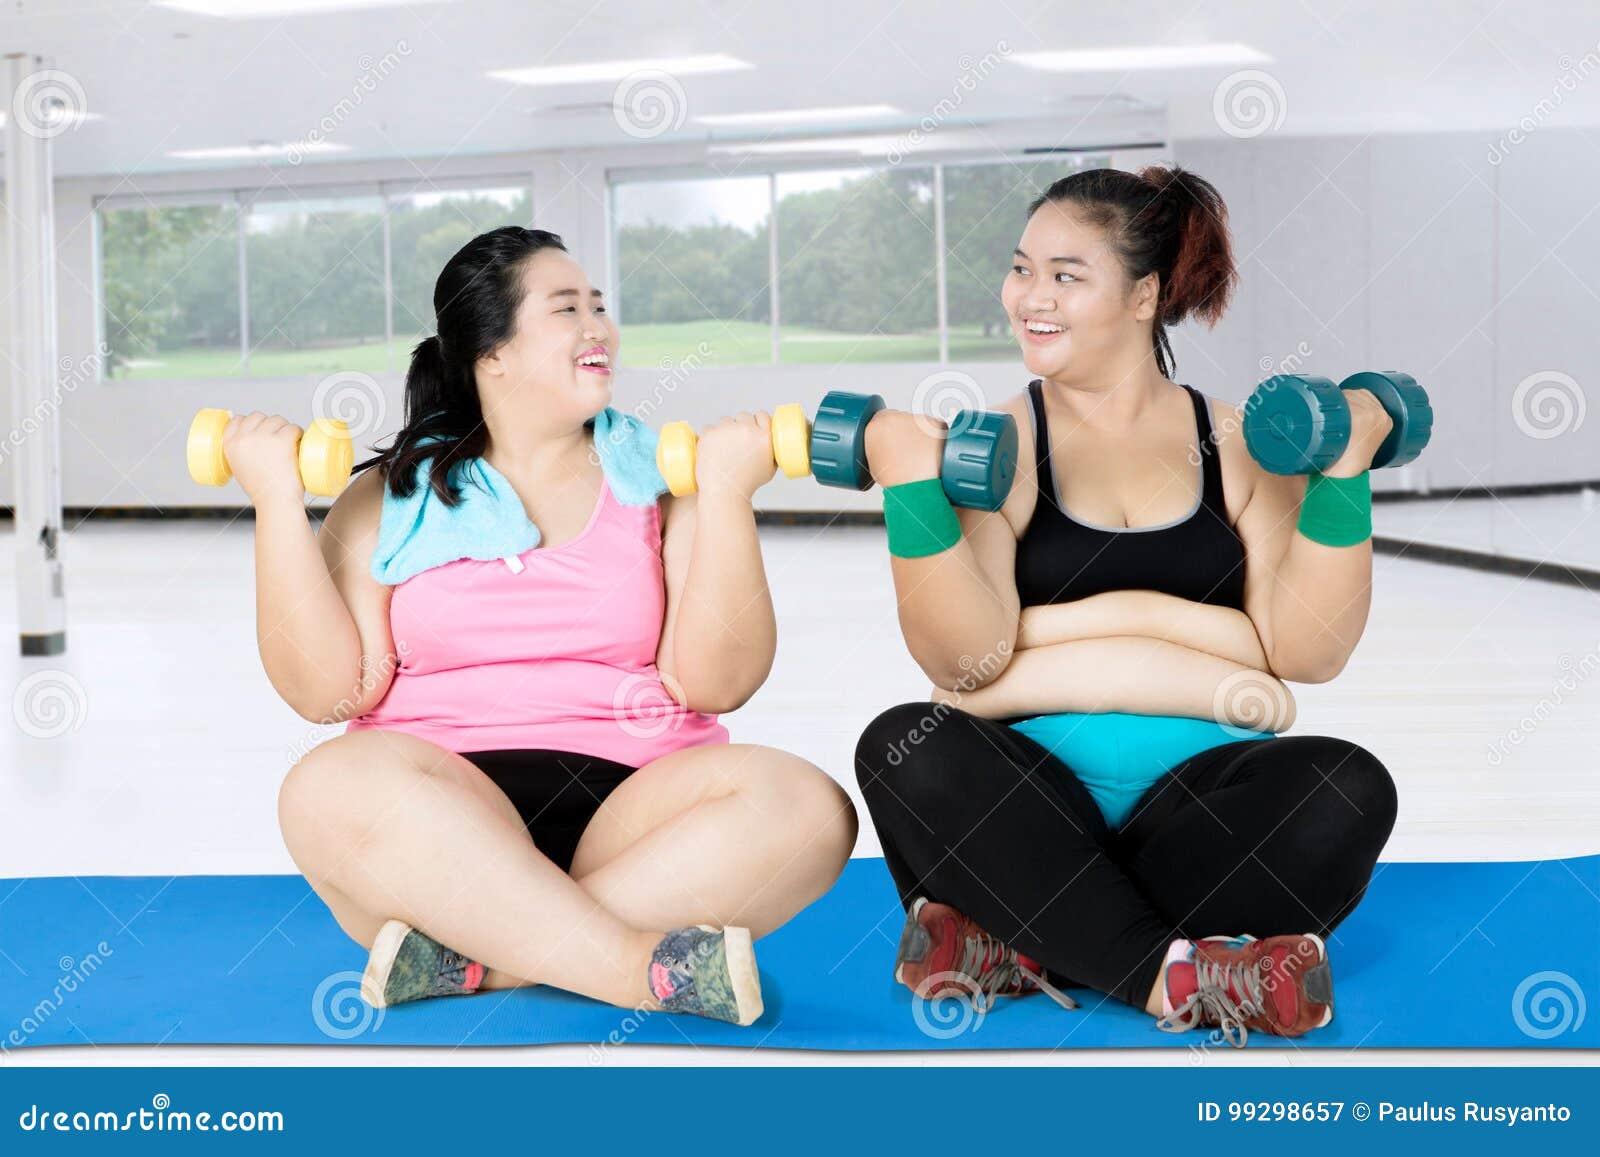 Freie fette Frauen Bilder